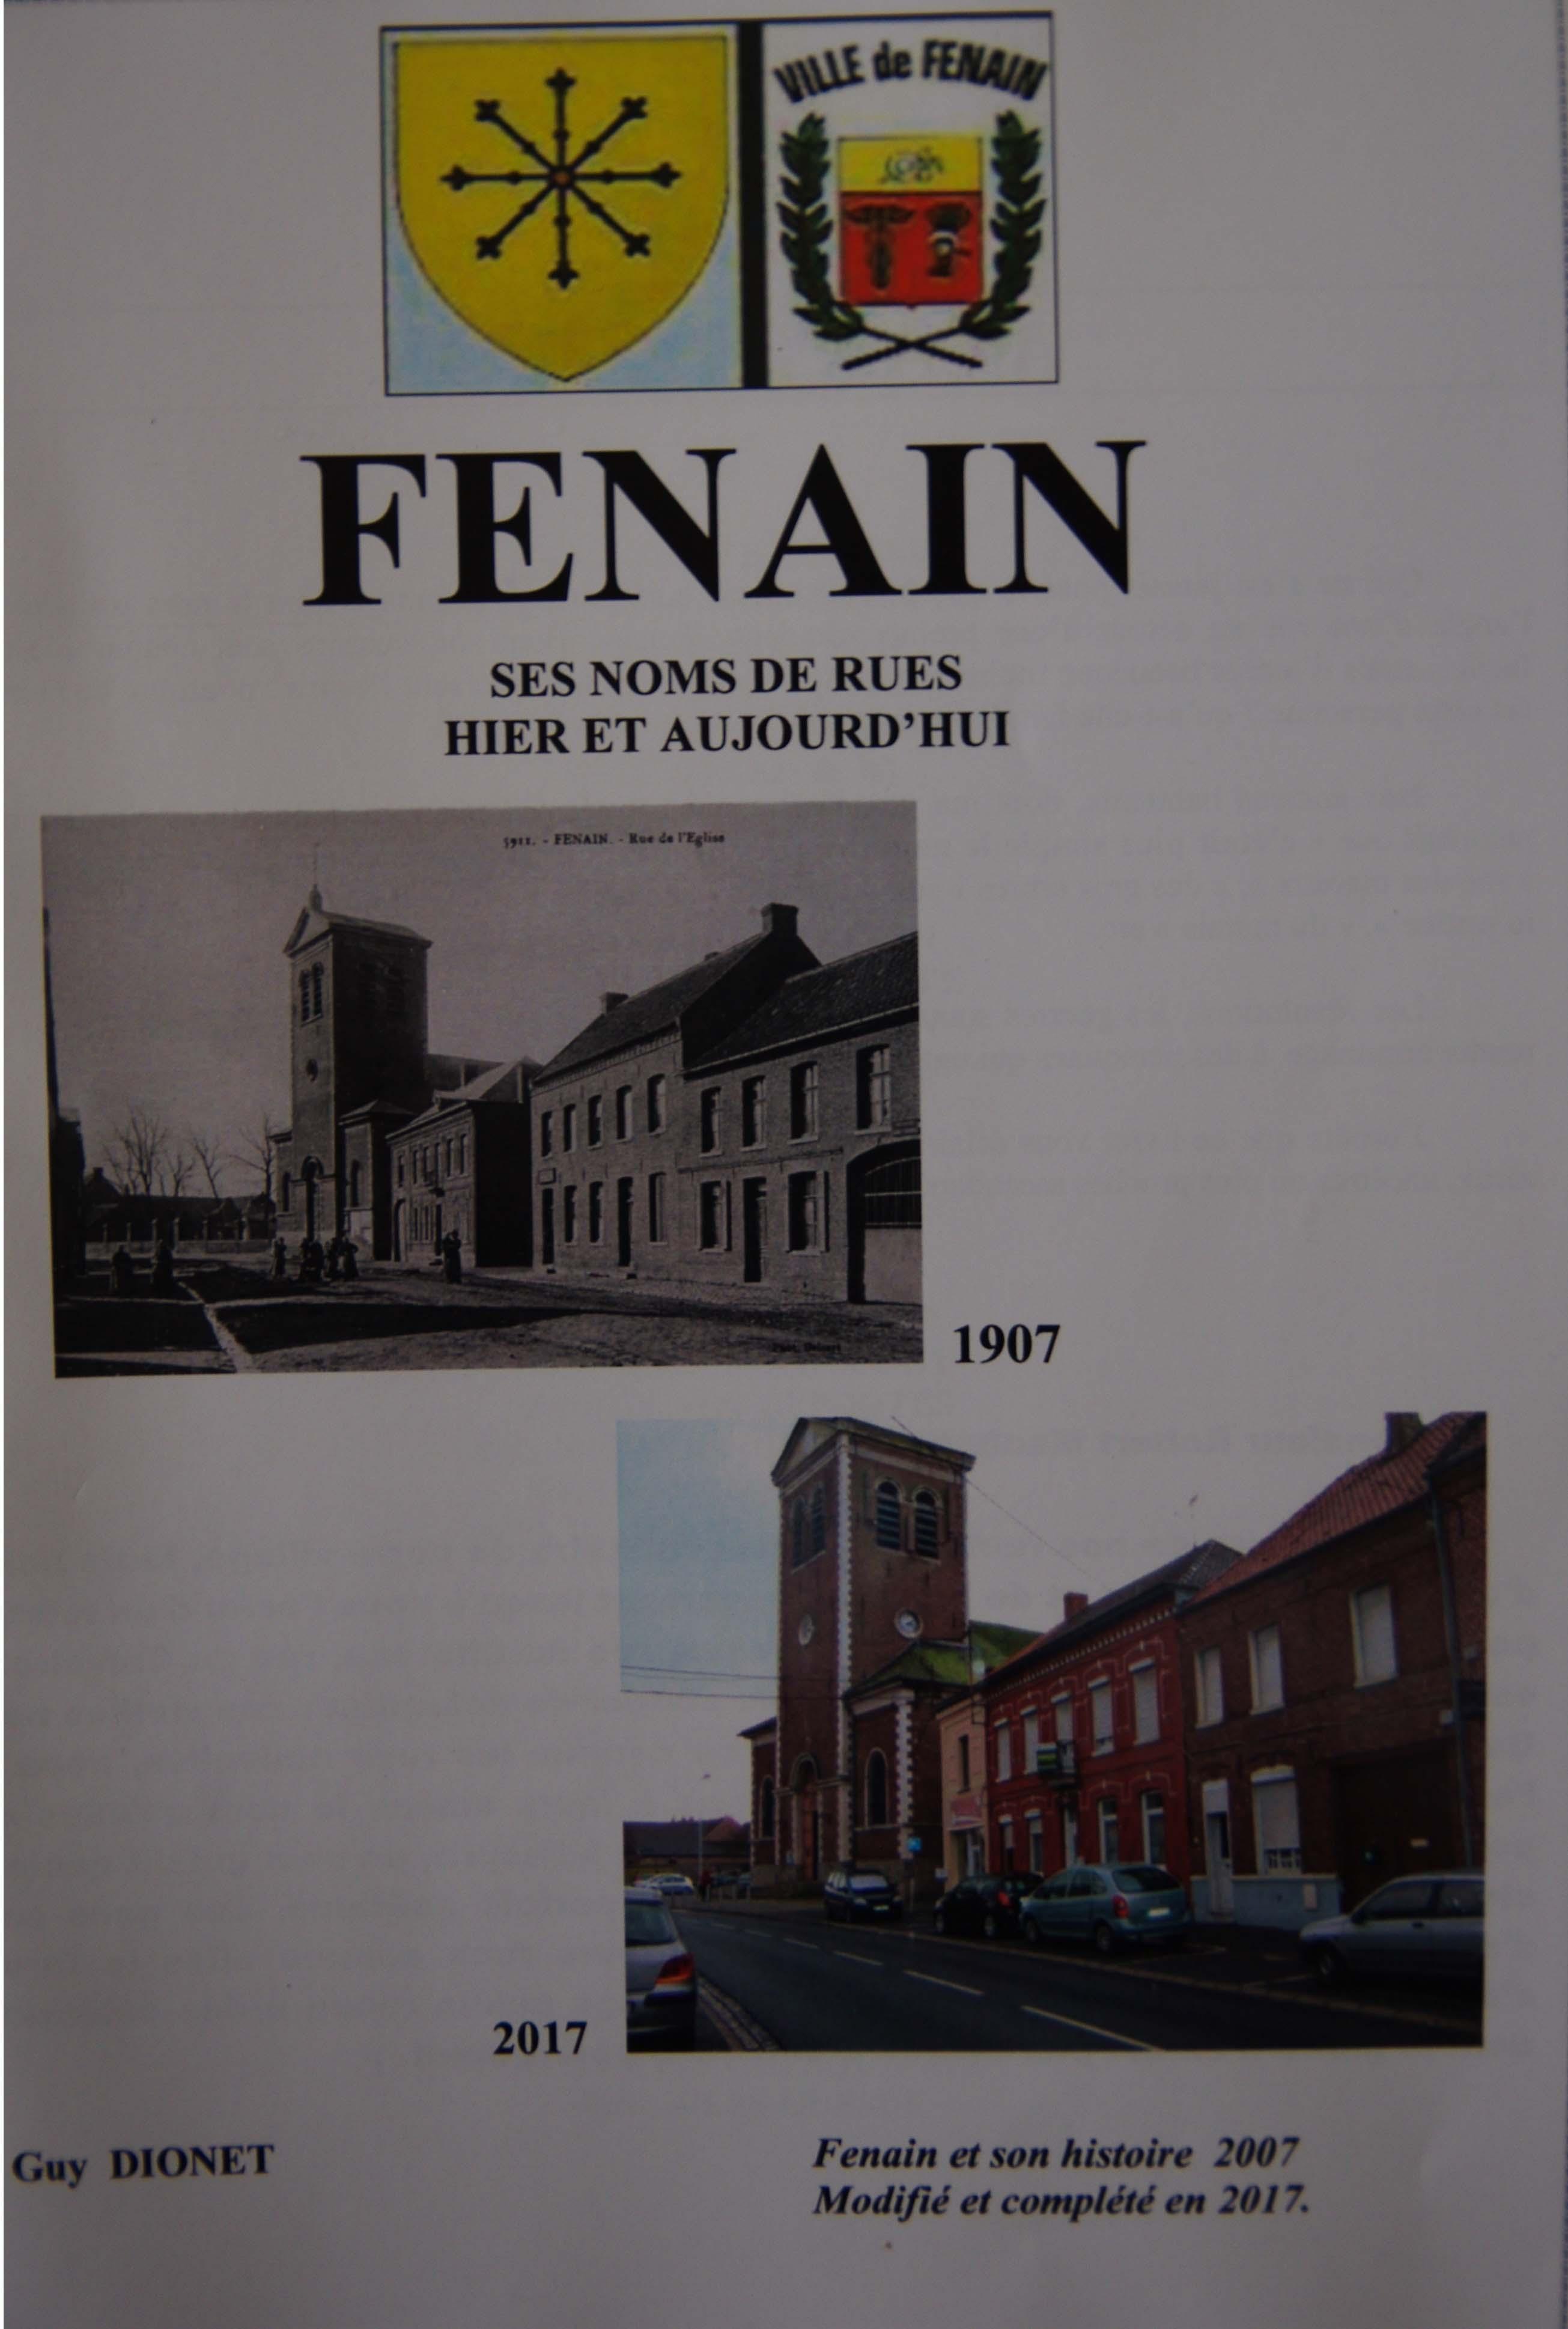 entete publi Fenain ses noms de rues.jpg